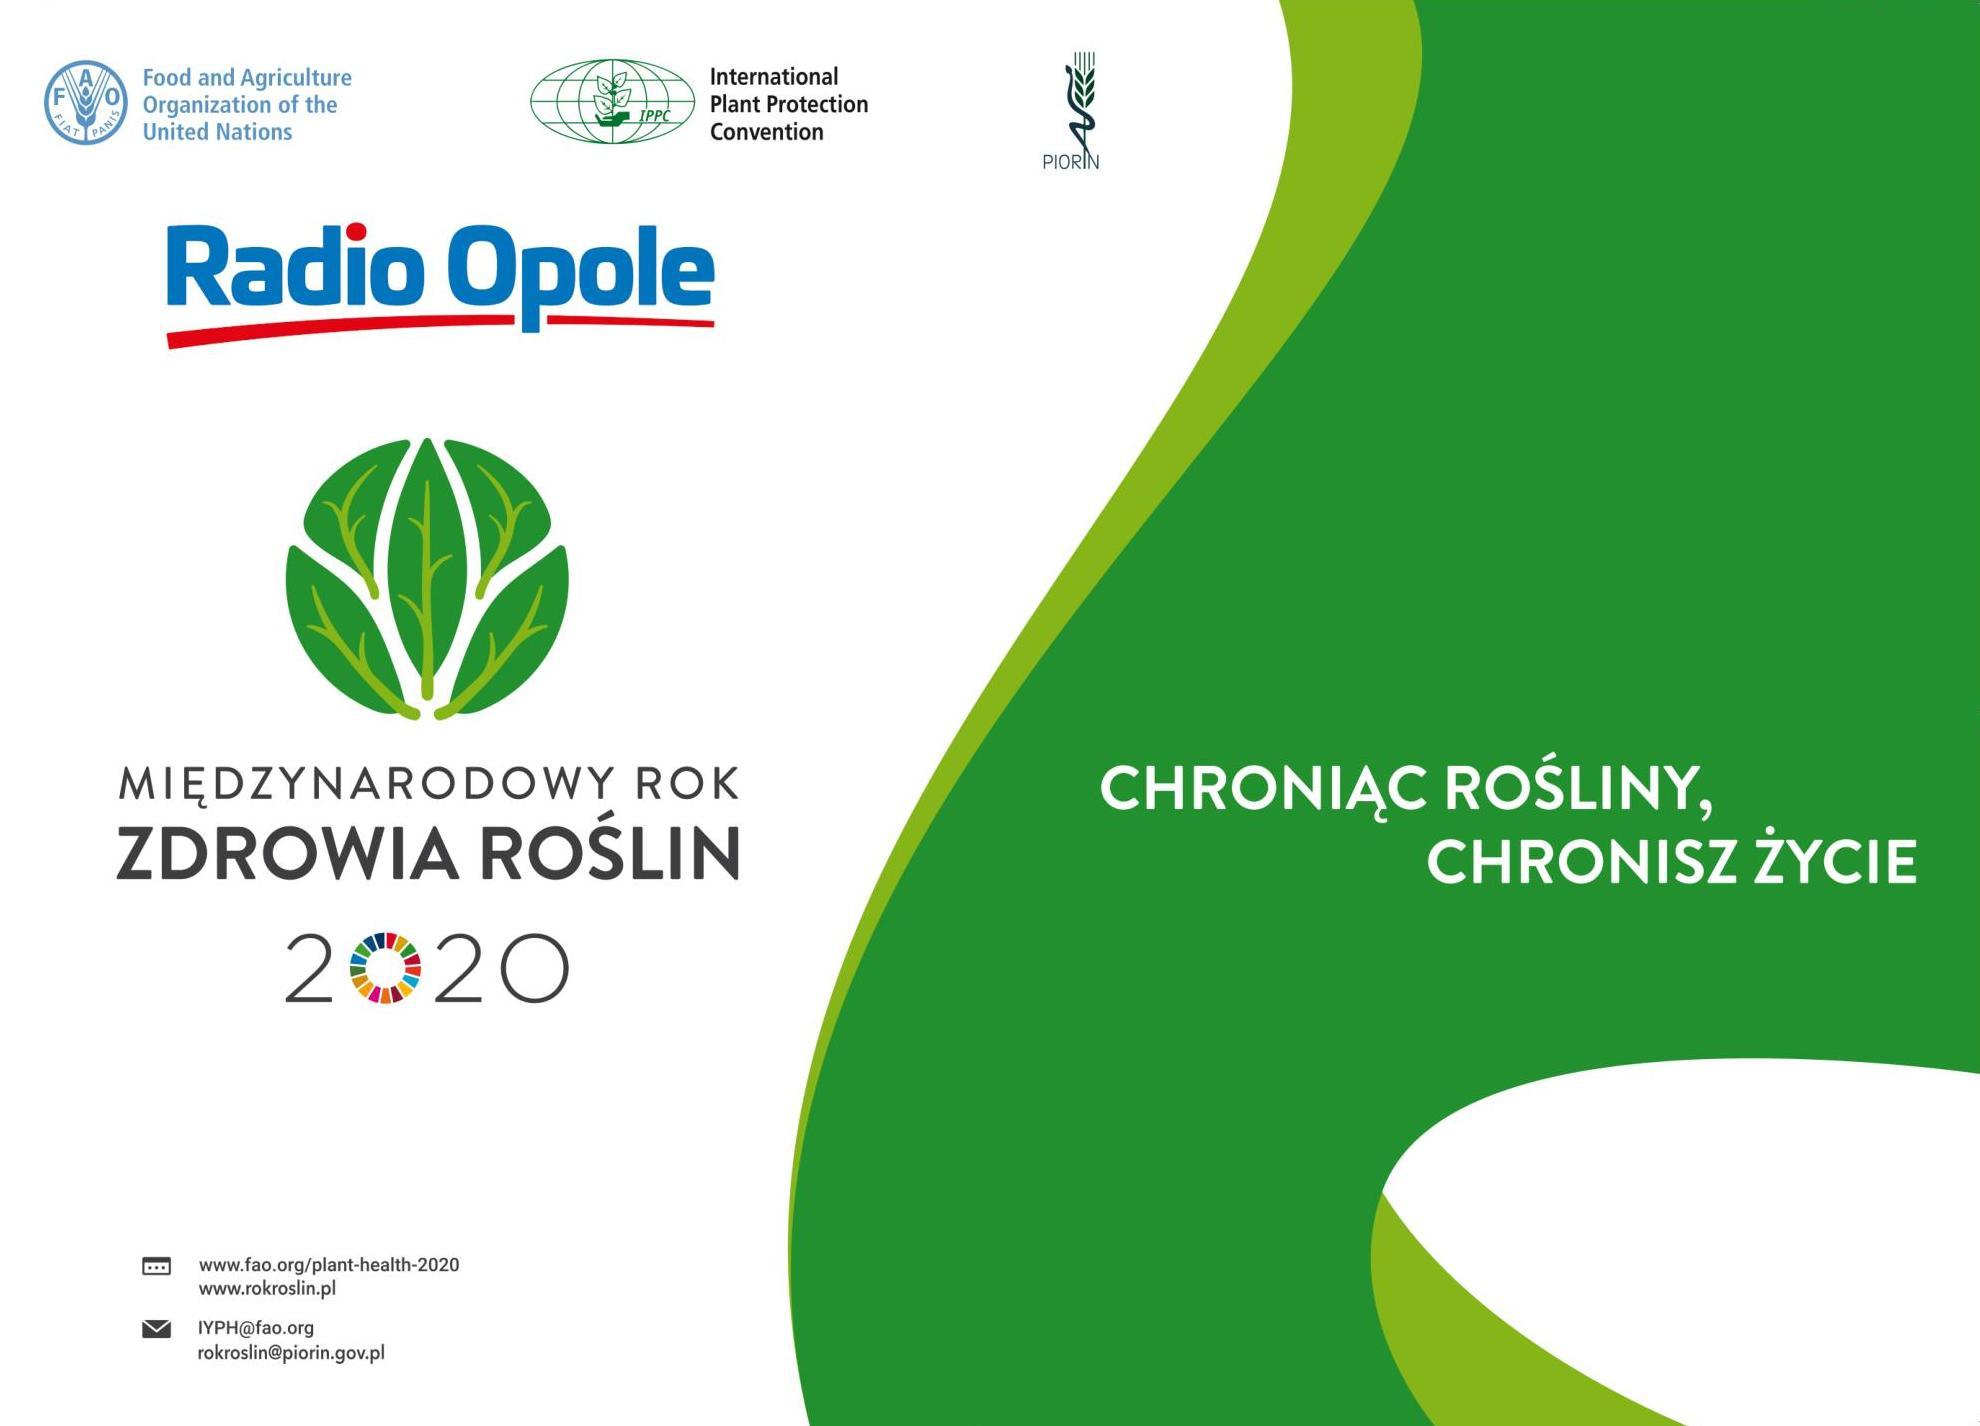 """""""Chroniąc rośliny, chronisz życie"""" – rok 2020 Międzynarodowym Rokiem Zdrowia Roślin [materiały organizatora]"""